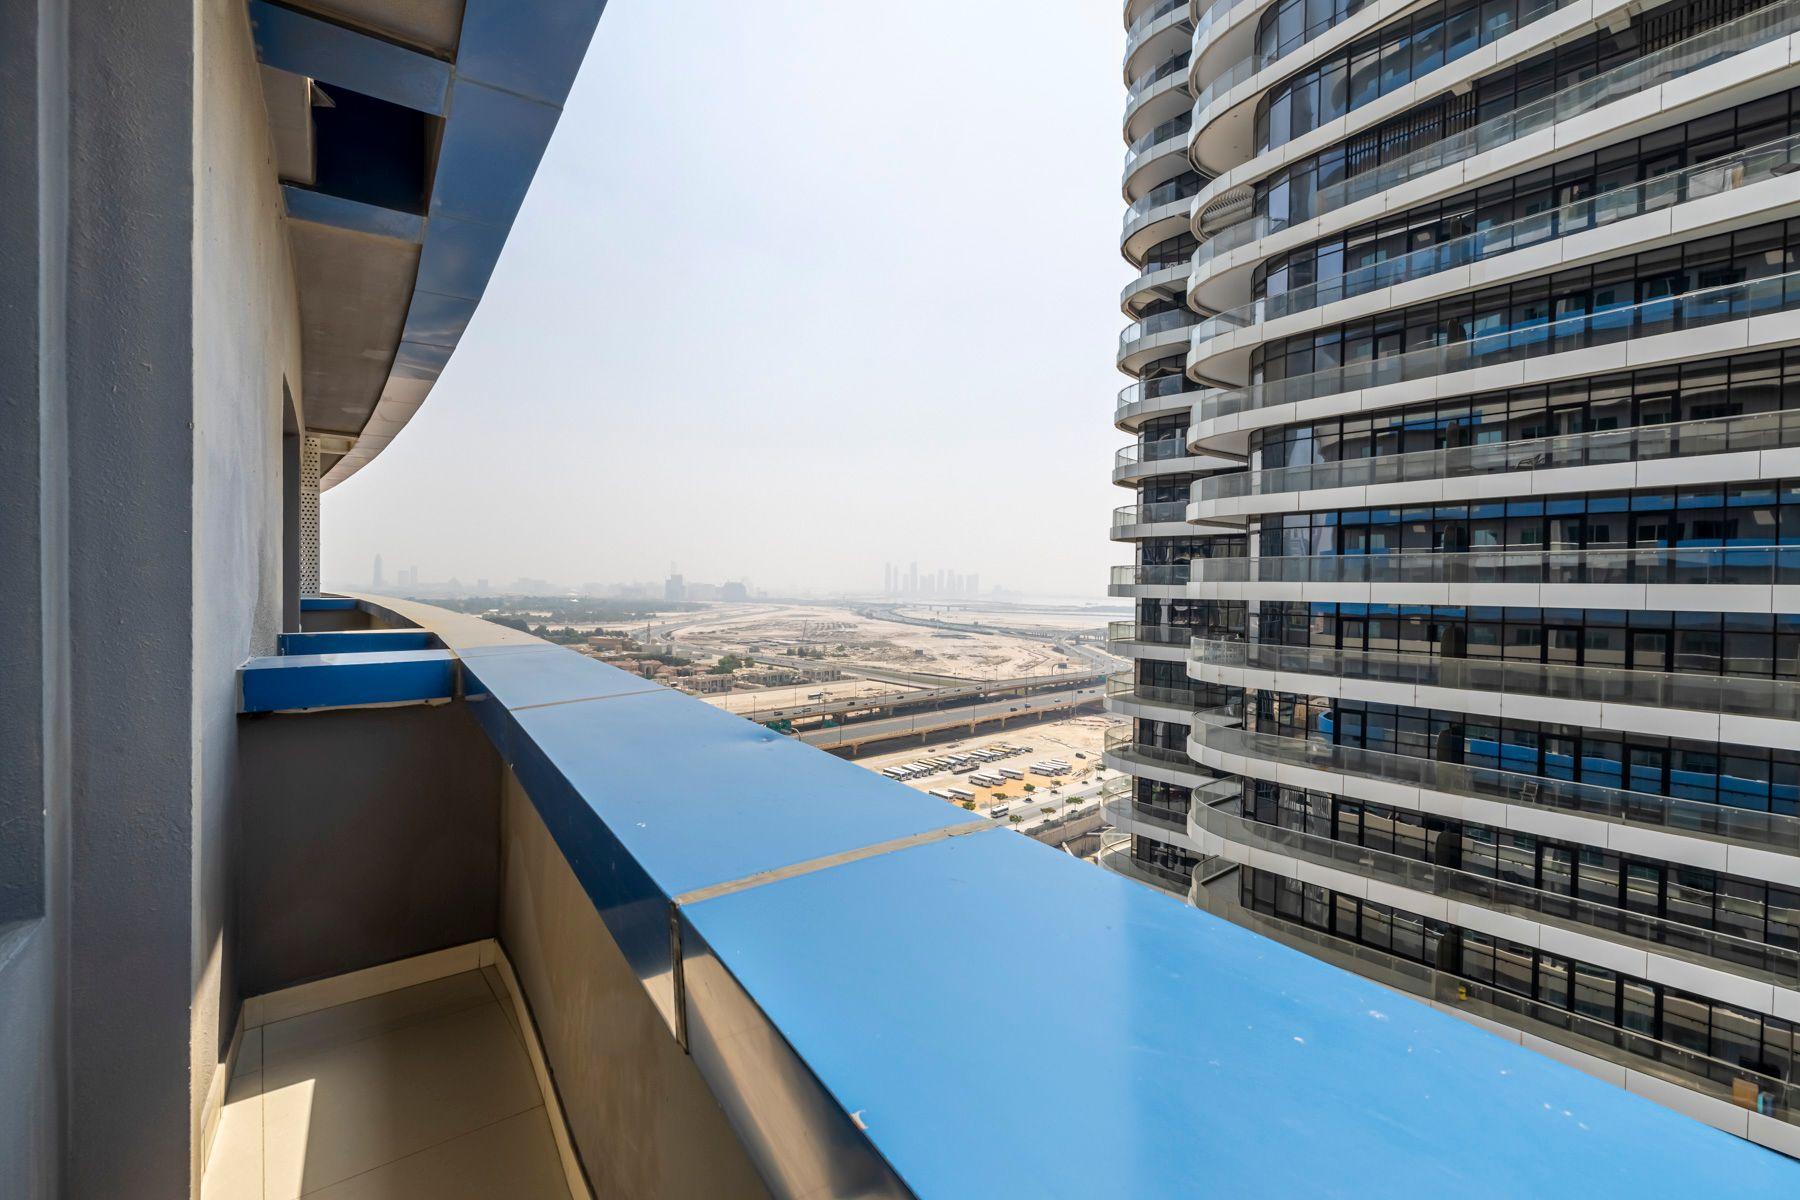 للايجار - شقة - داماك ميزون شارع مول - دبي وسط المدينة